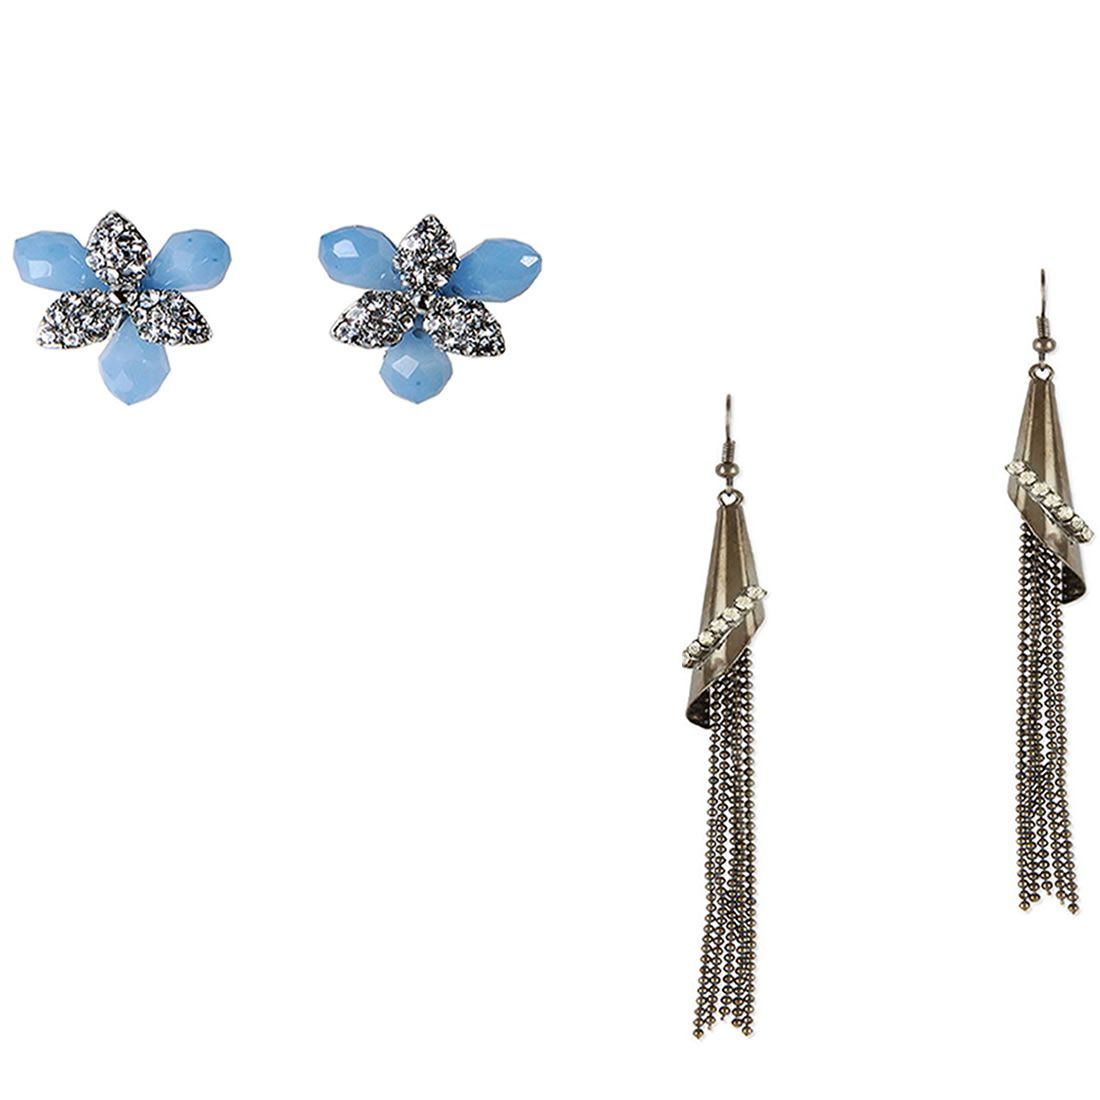 Bling Studio's Combo-Earrings